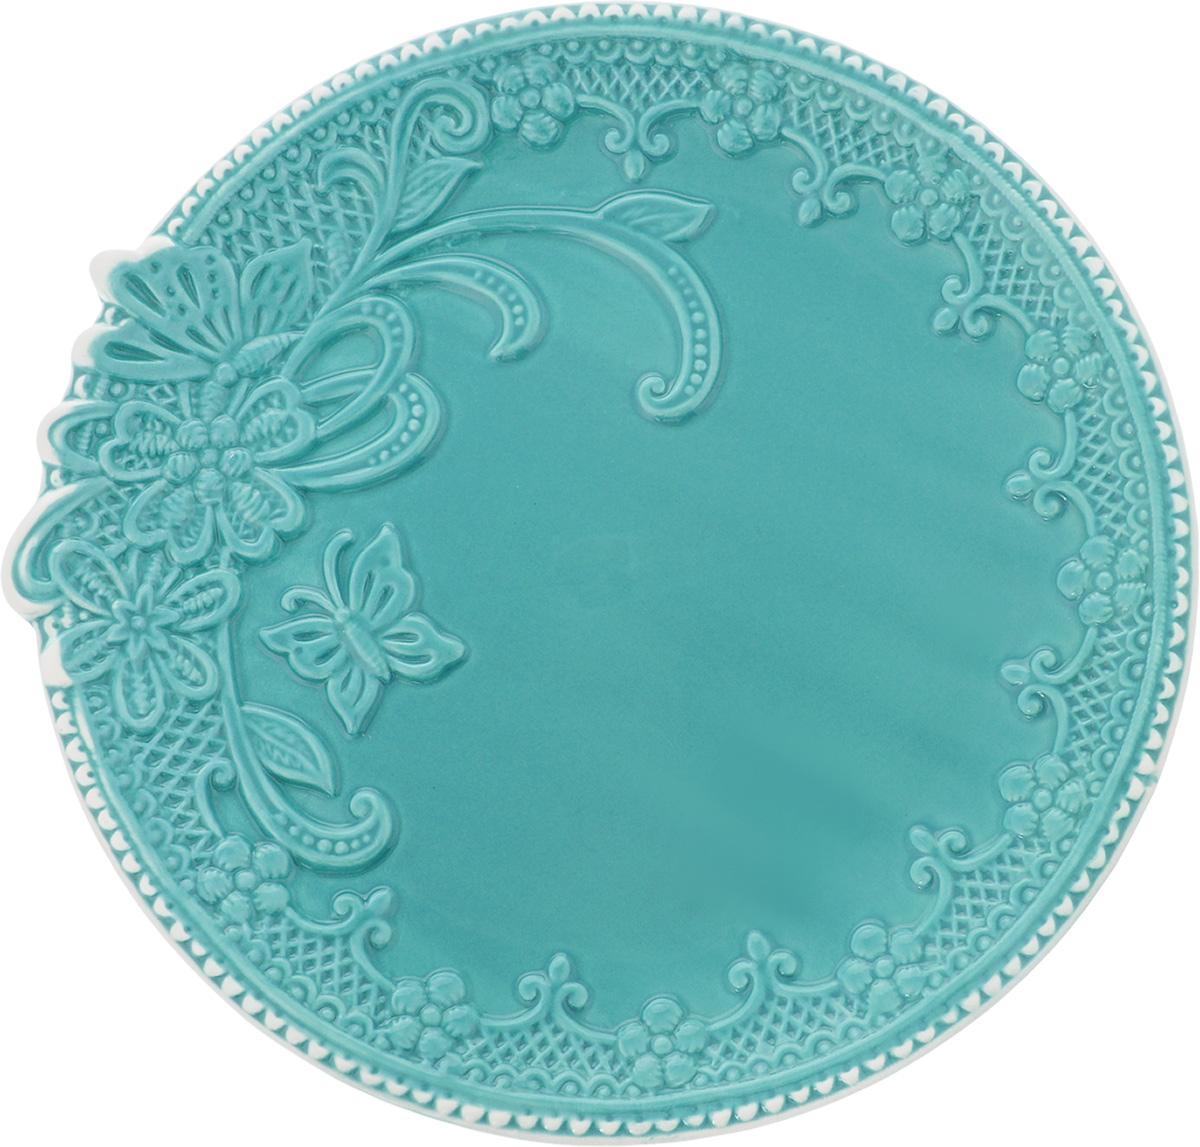 Блюдо Azur, цвет: бирюзовый, белый, диаметр 26 см216673Блюдо Azur выполнено из качественной керамики и оформлено рельефным узором.Блюдо Azur доставит истинное удовольствие ценителям прекрасного. Яркий дизайн, несомненно, придется вам по вкусу.